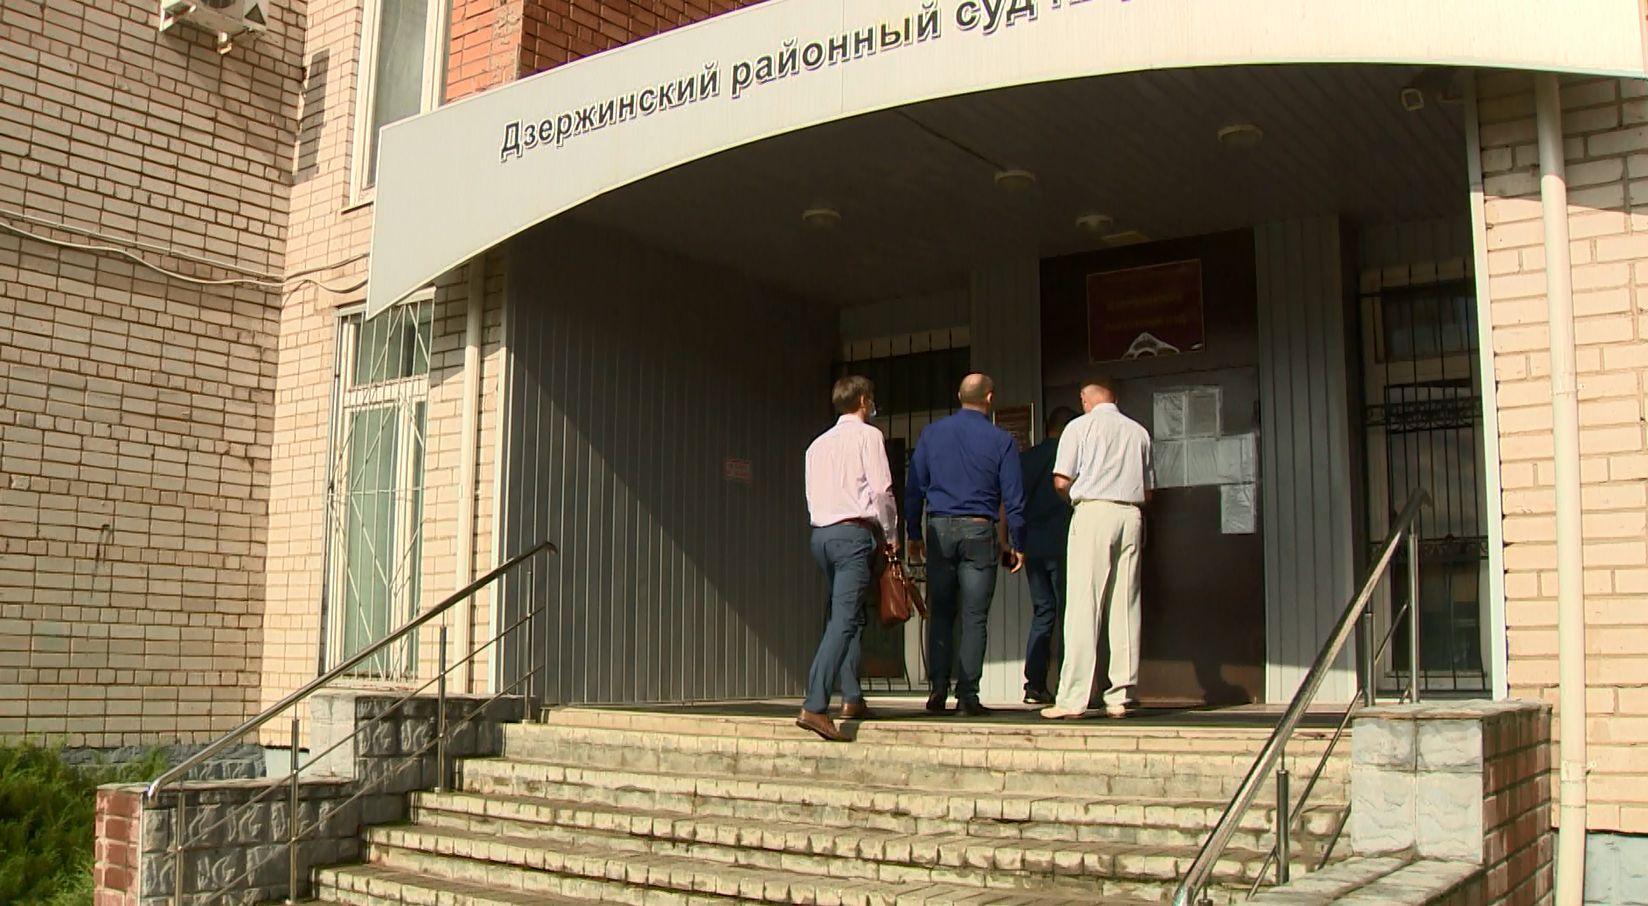 В Ярославле судят четырех полицейских